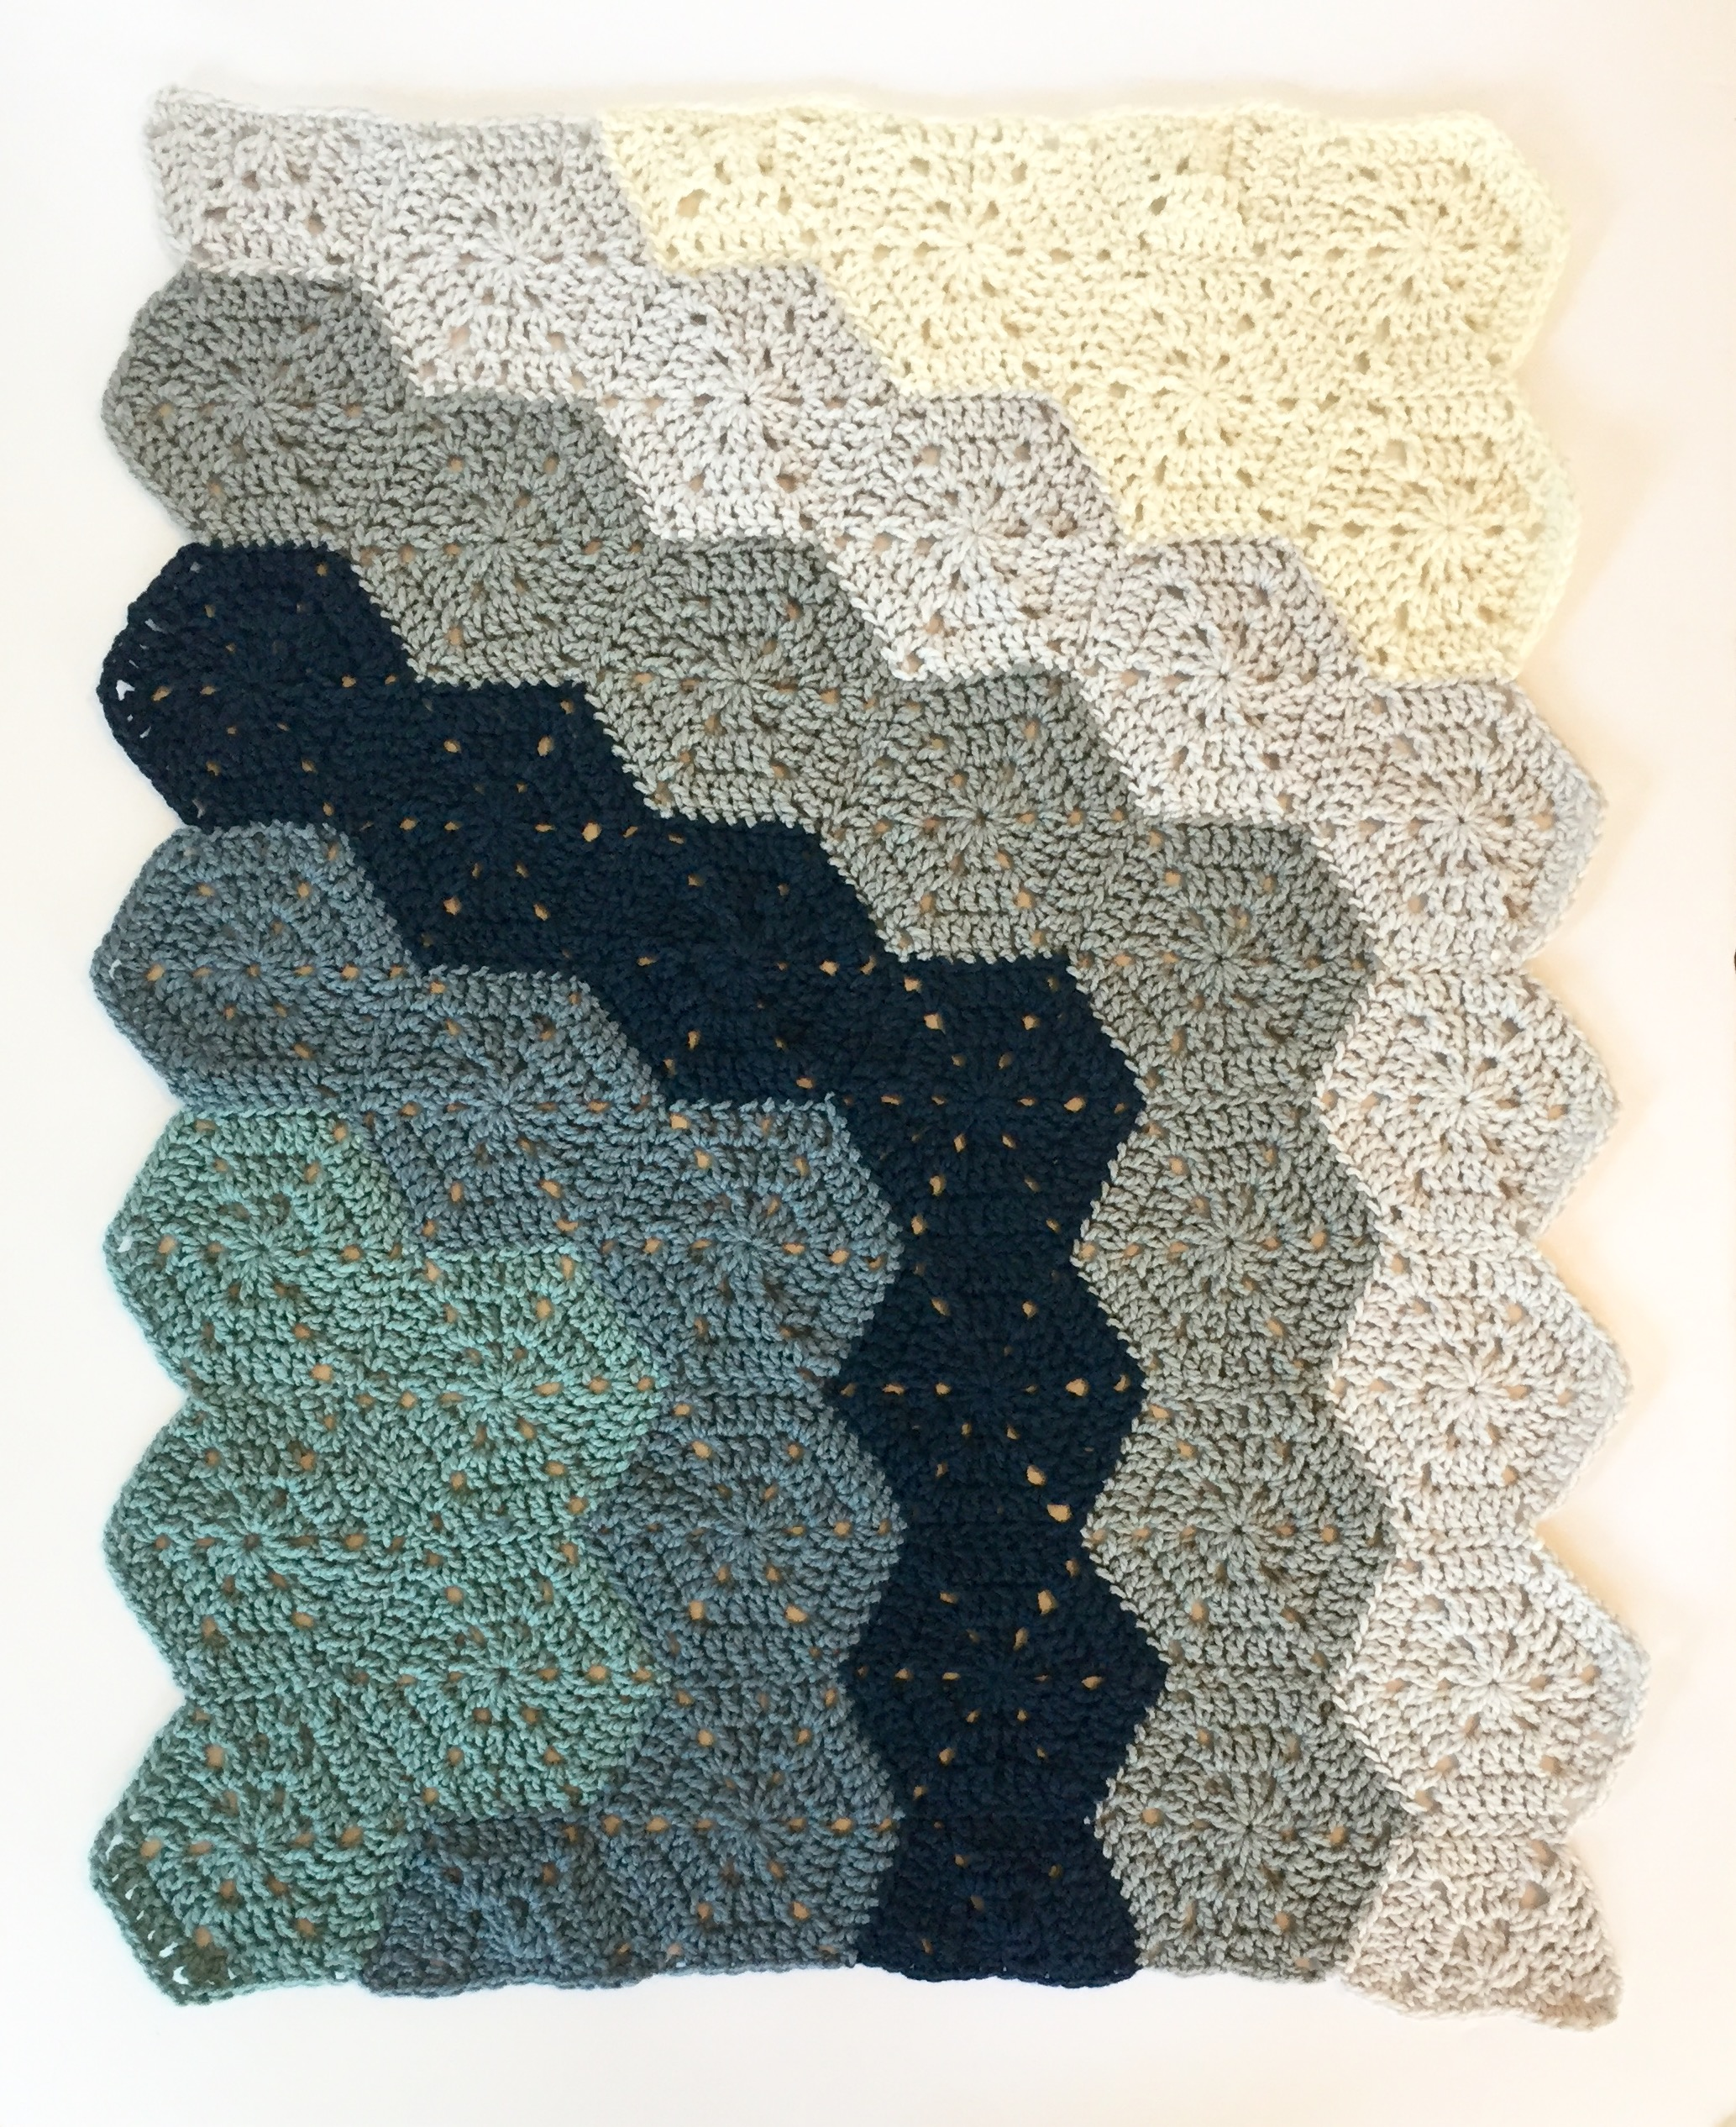 ... baby blanket crochet kit by Little Monkeys Design in merino wool